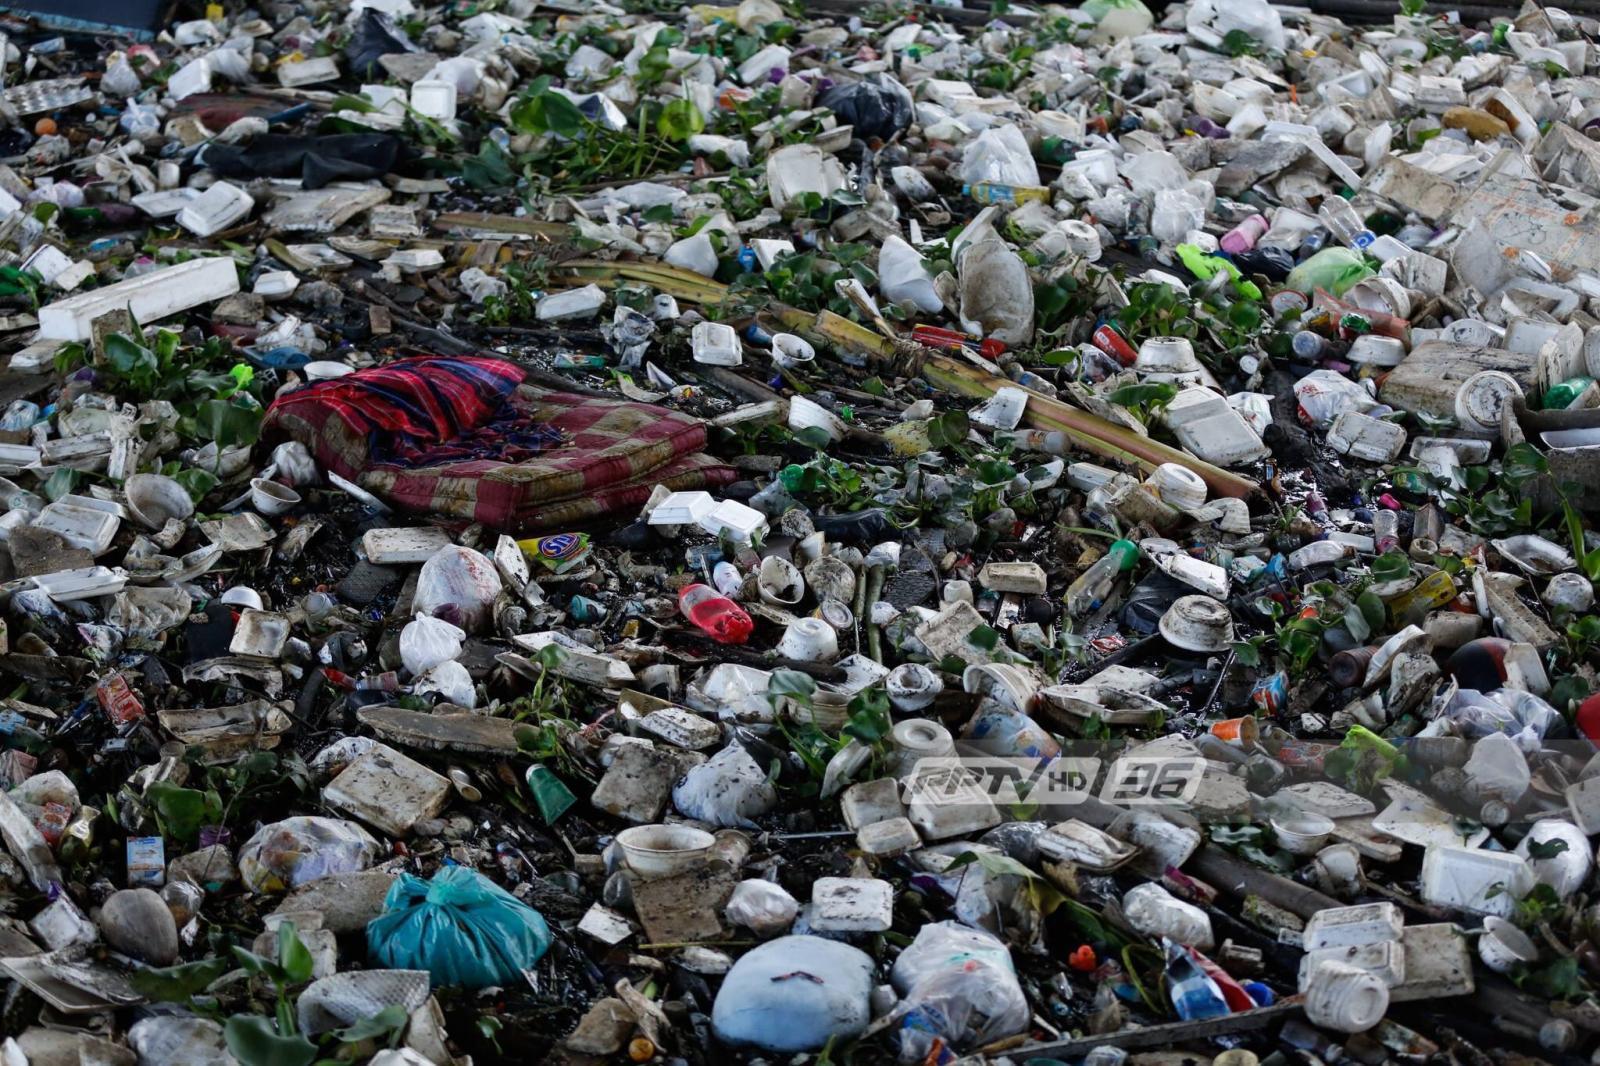 """""""ถนนจากขยะพลาสติก"""" หนึ่งในหนทางช่วยโลก?"""